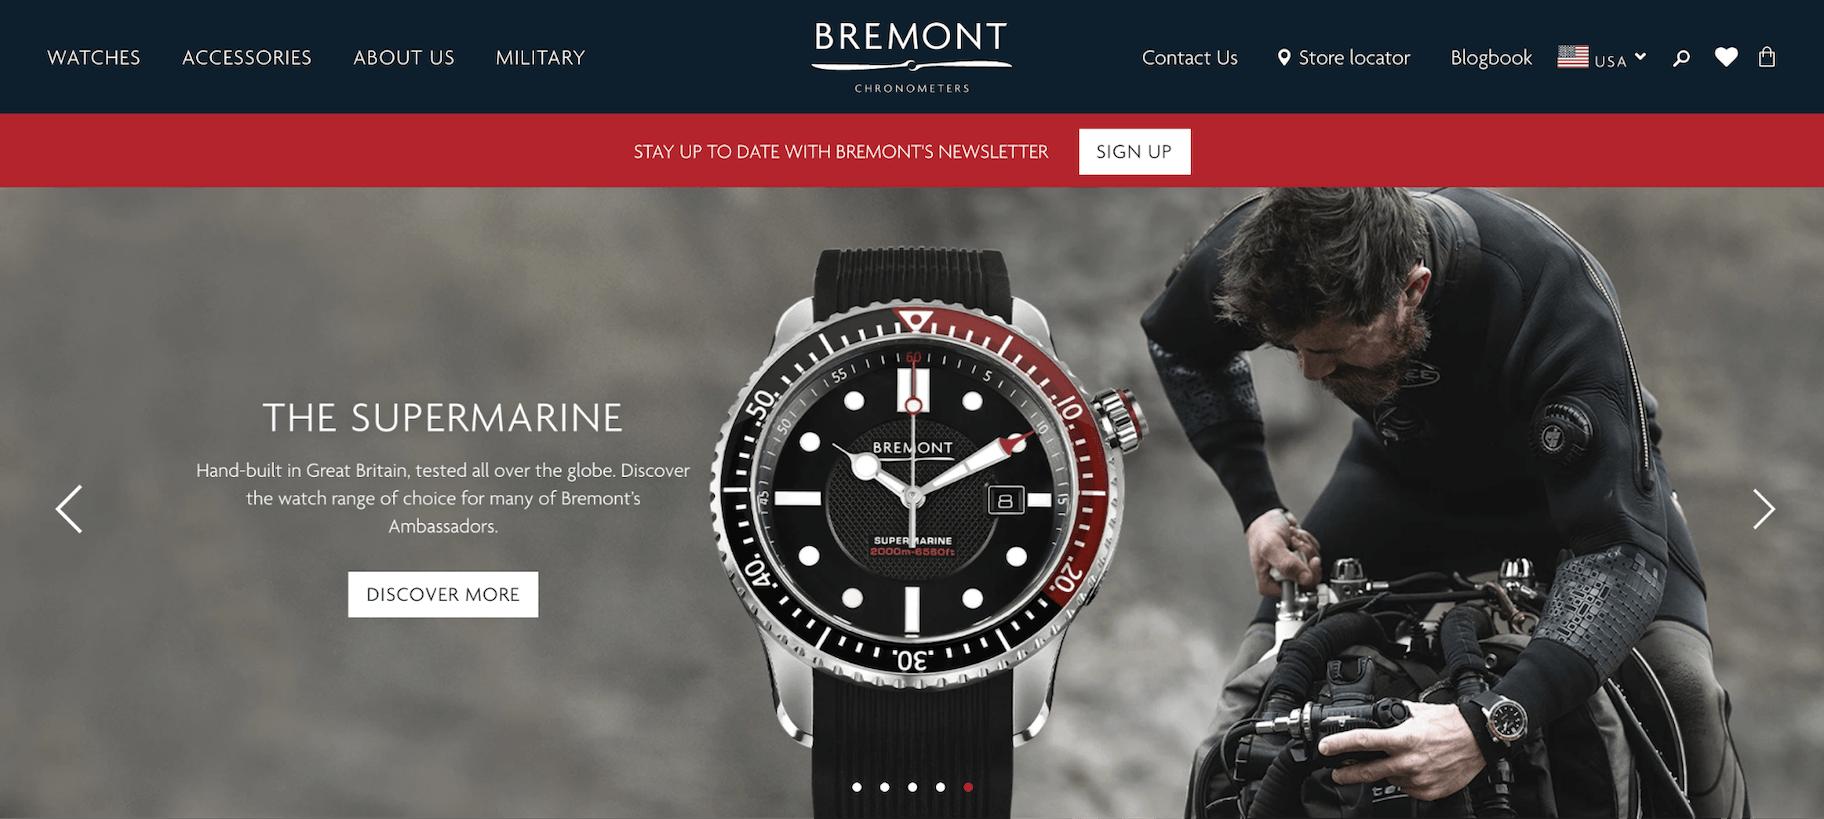 Bremont Website